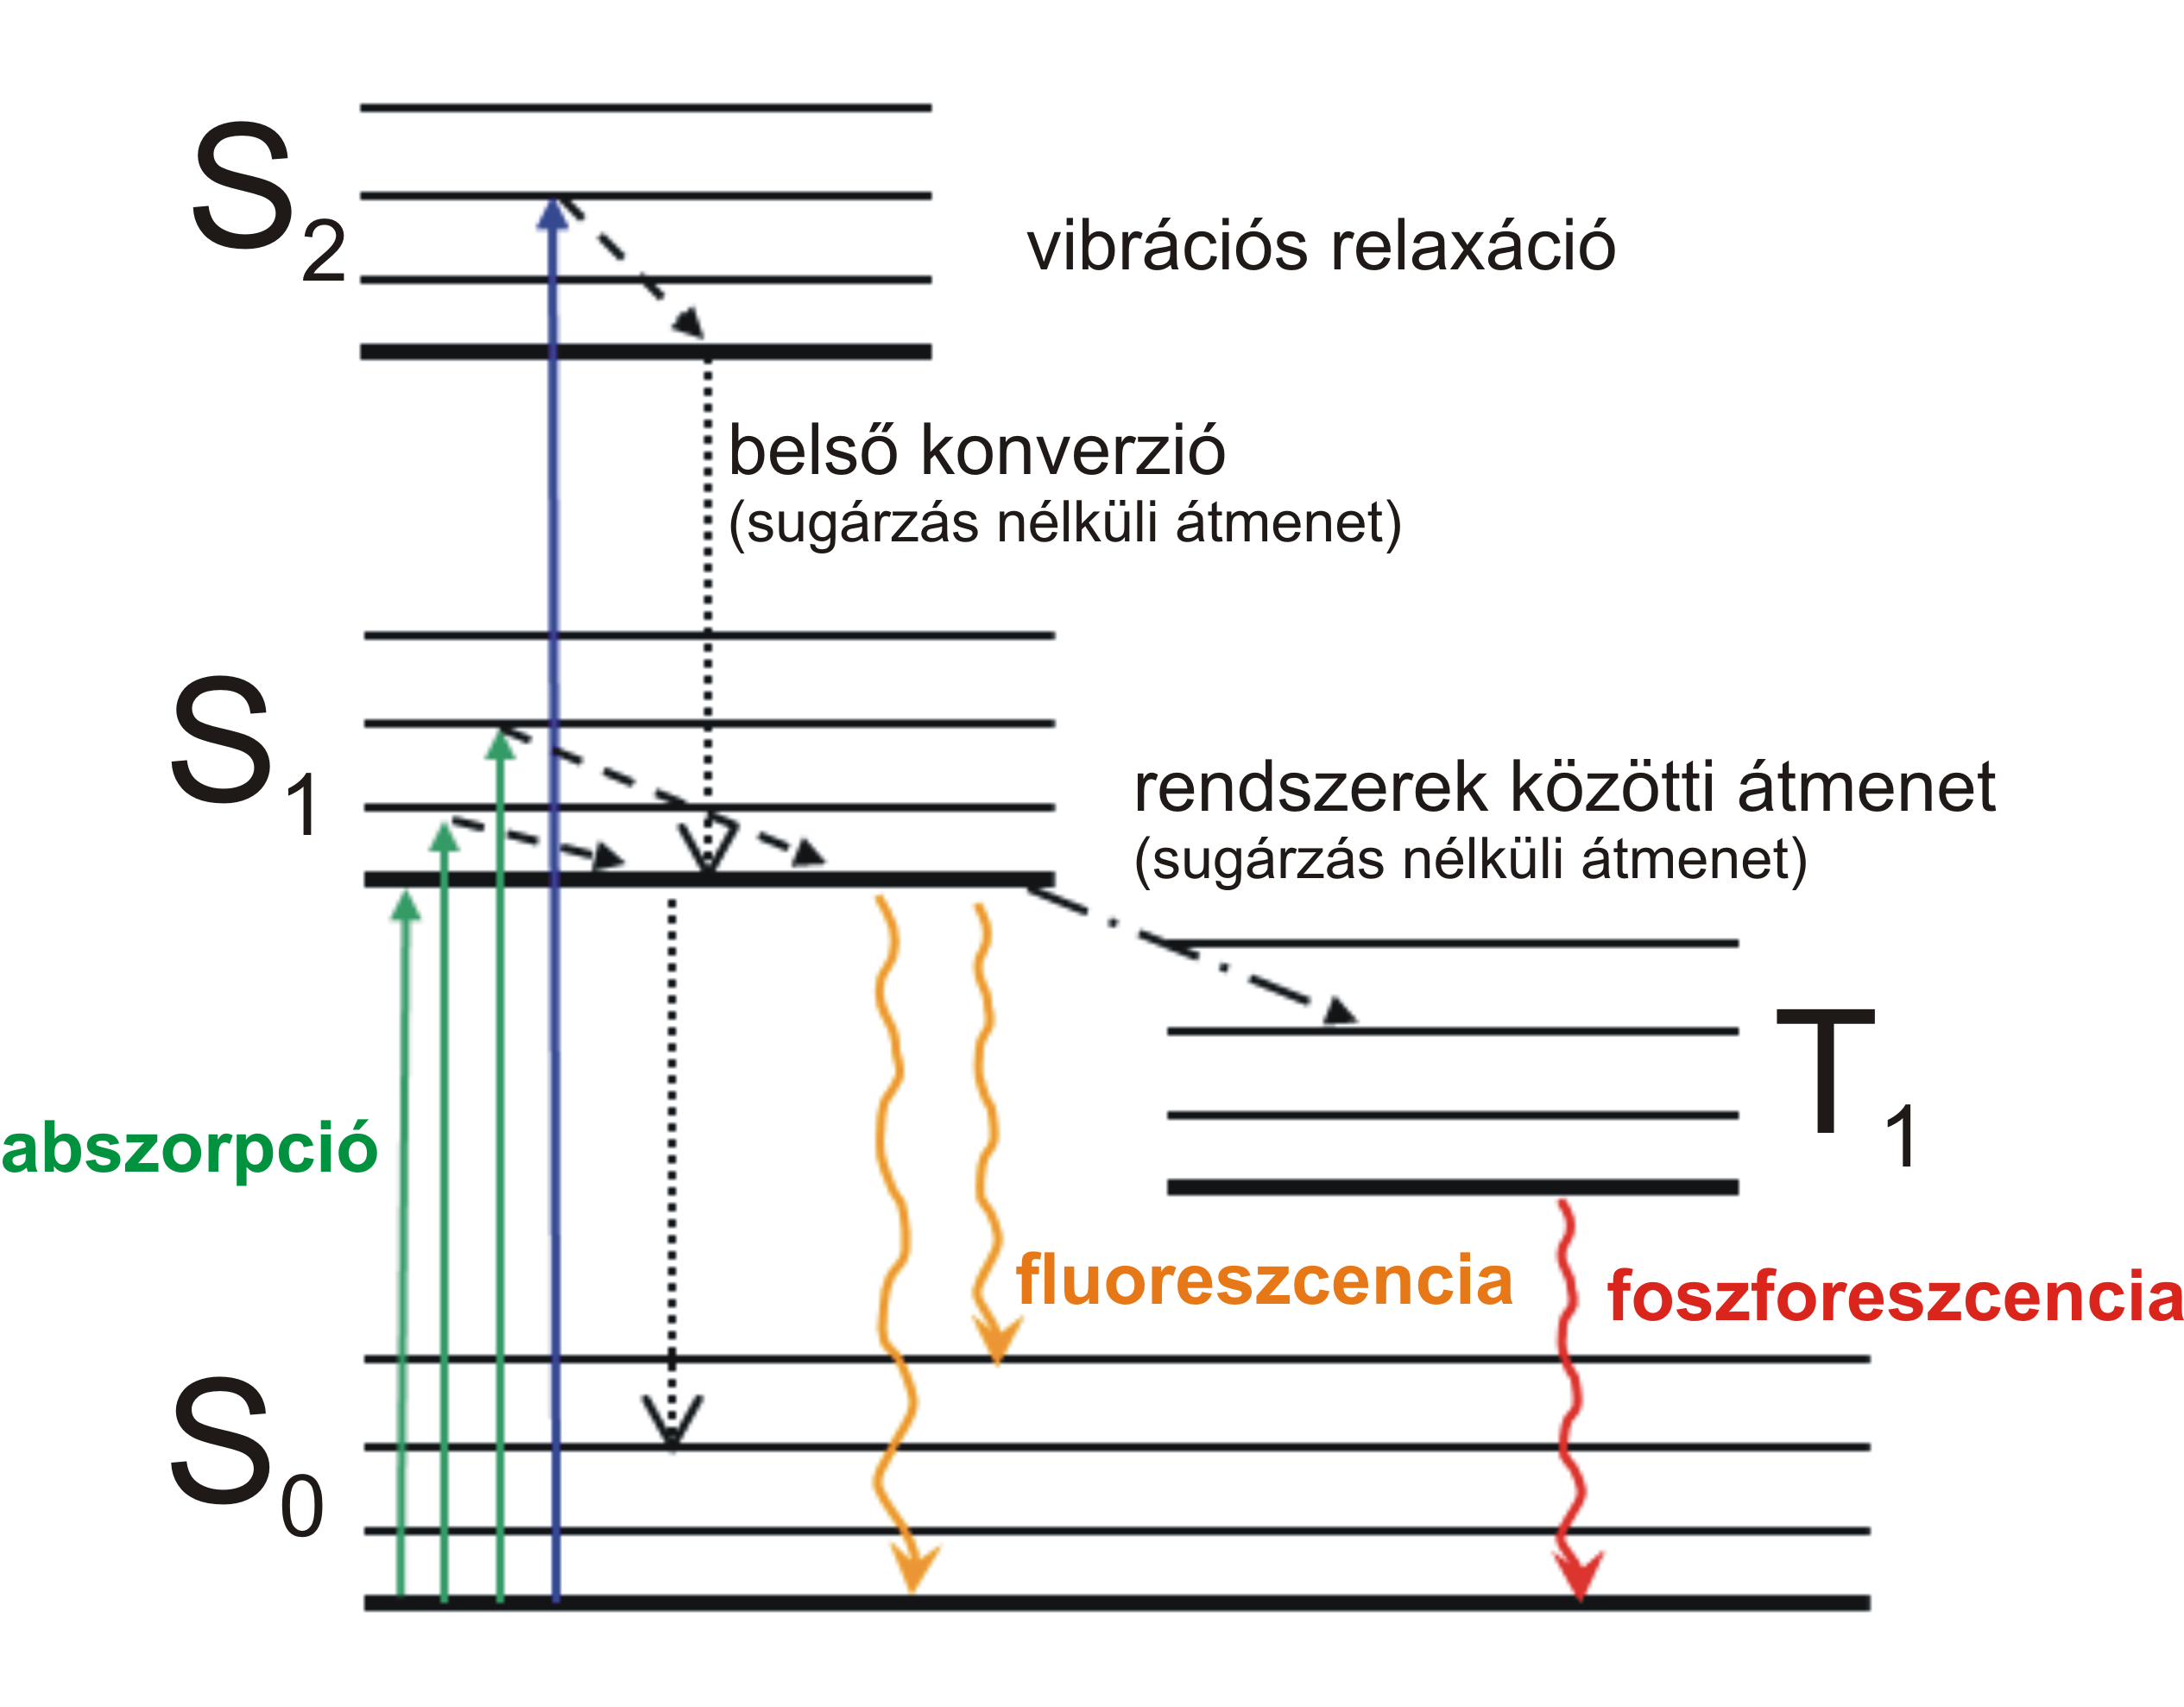 Filejablonski diagram hug wikimedia commons filejablonski diagram hug ccuart Choice Image